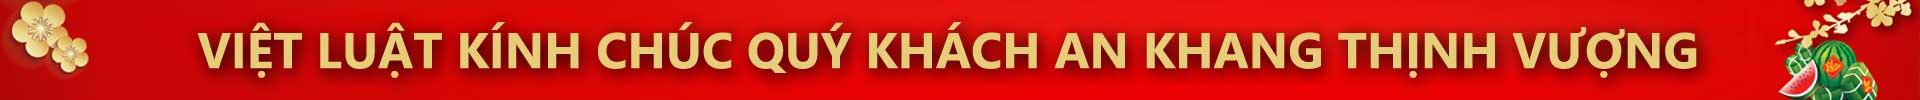 Banner dịch vụ kế toán Việt Luật